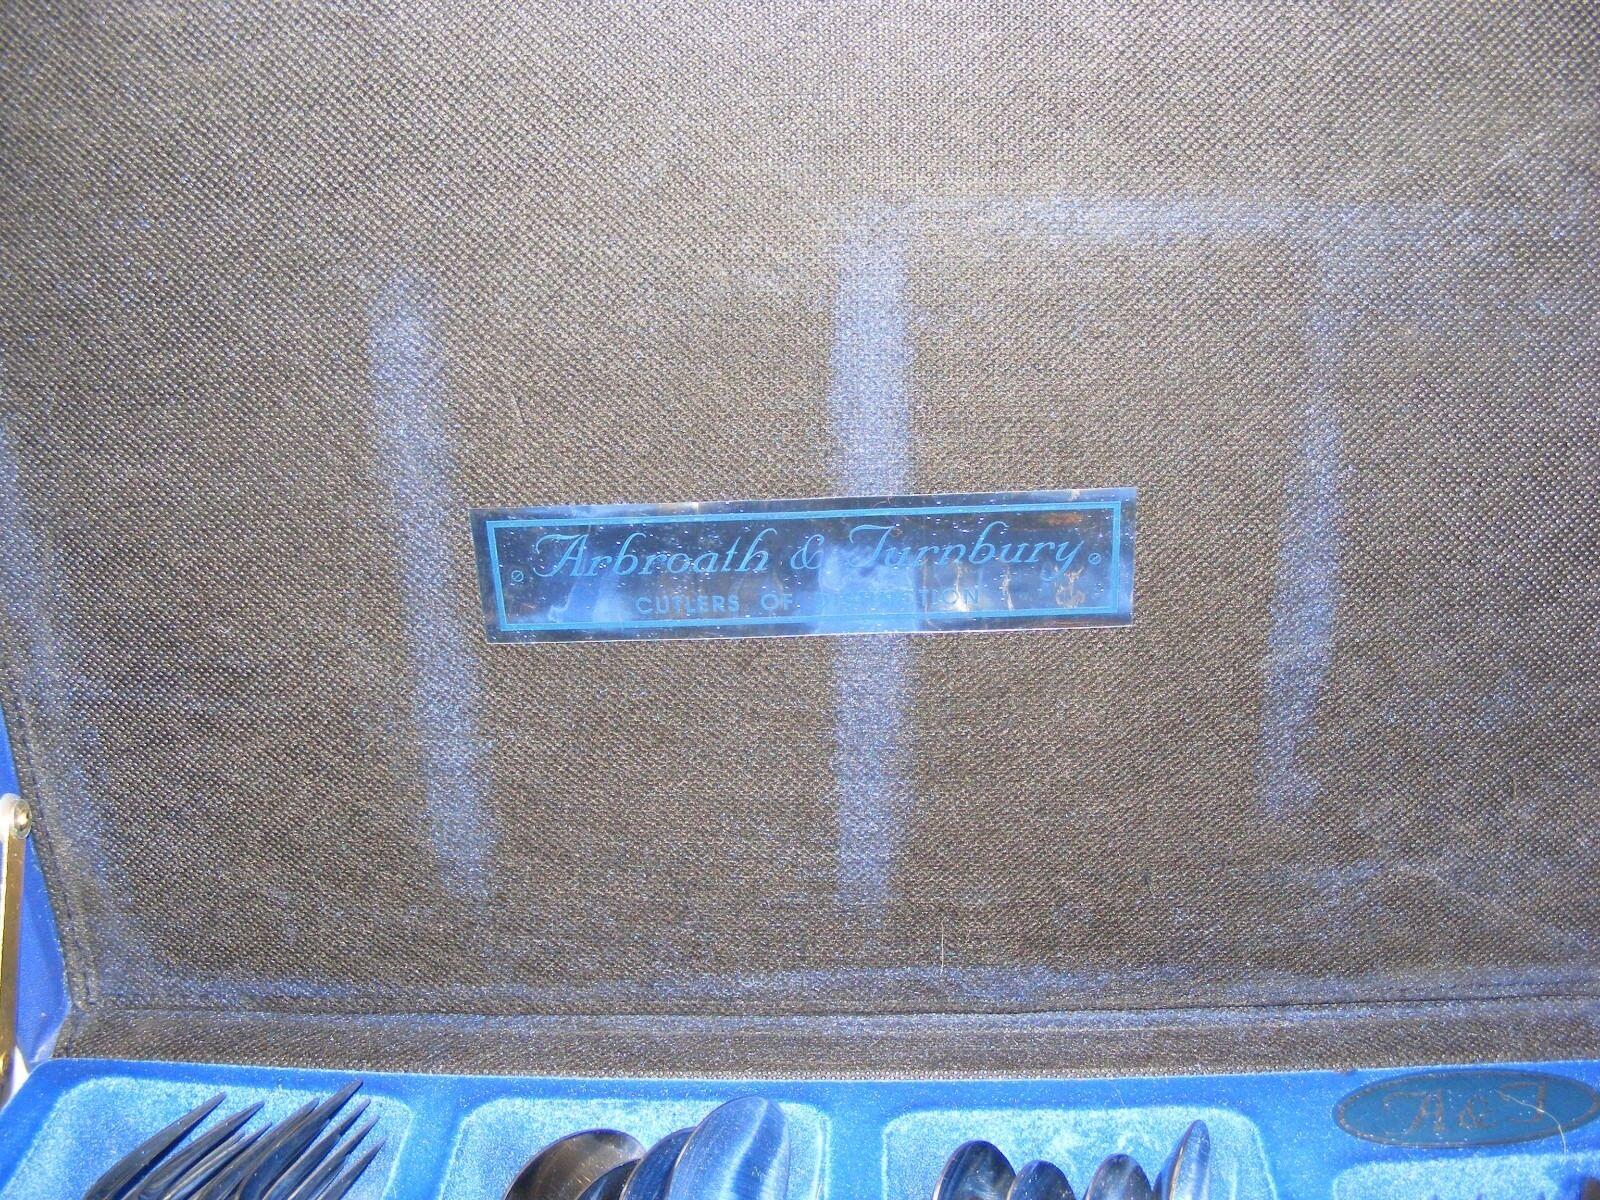 6 persona Acero Inoxidable Arbroath y turnbury de Cantina de turnbury cubiertos 39 piezas 837cf1